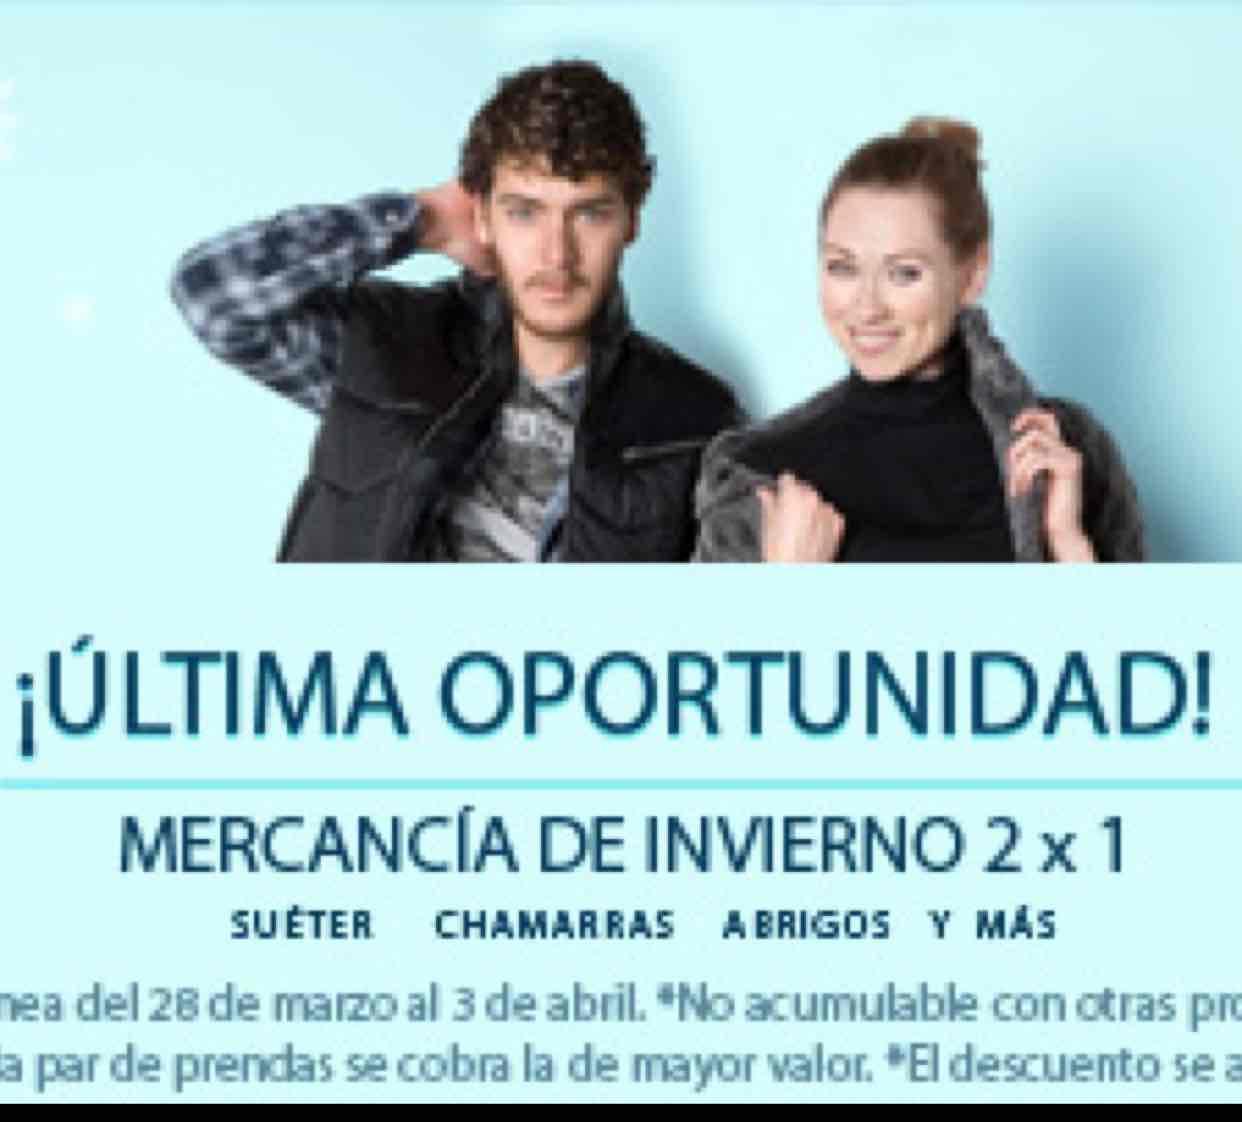 Promoda en línea: 2x1 en mercancía de invierno